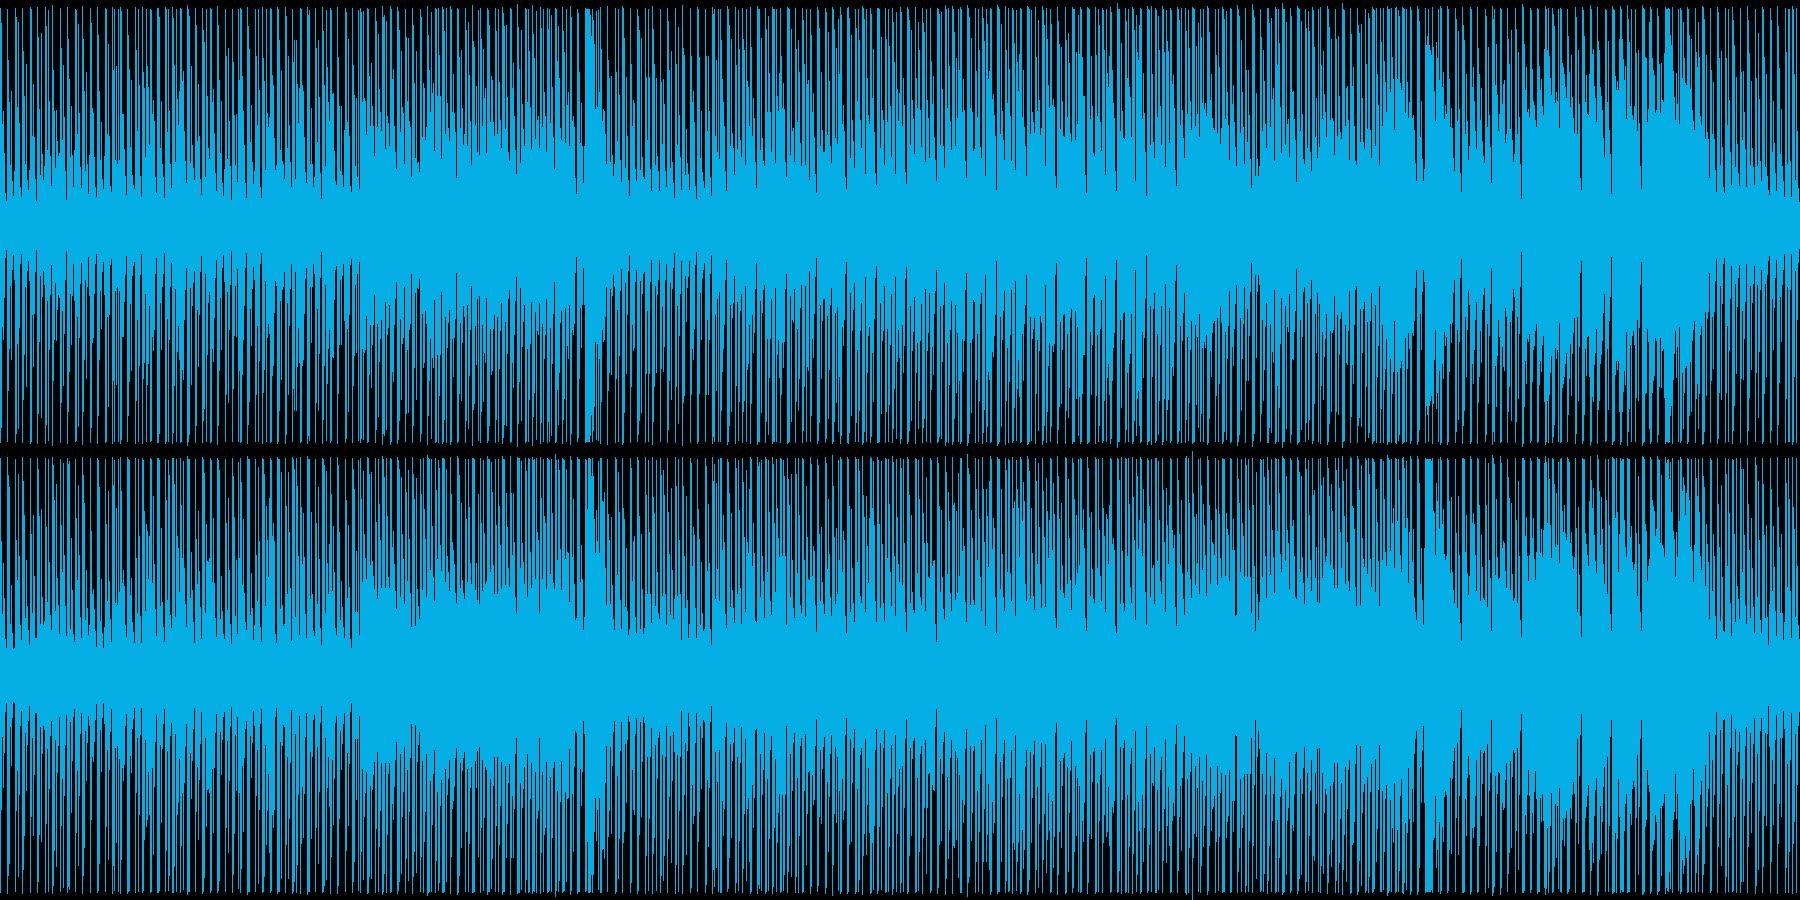 のしのし進む、穏やかで明るめのBGMの再生済みの波形